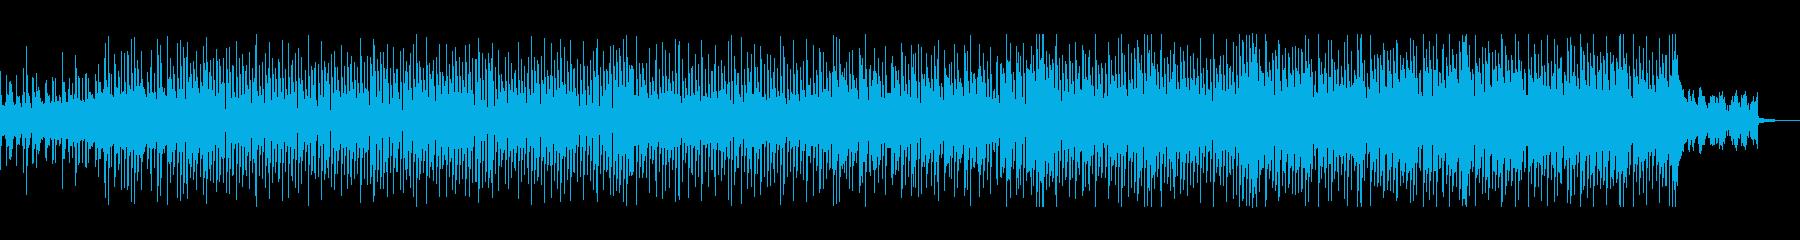 ミステリアスなエレクトロポップの再生済みの波形